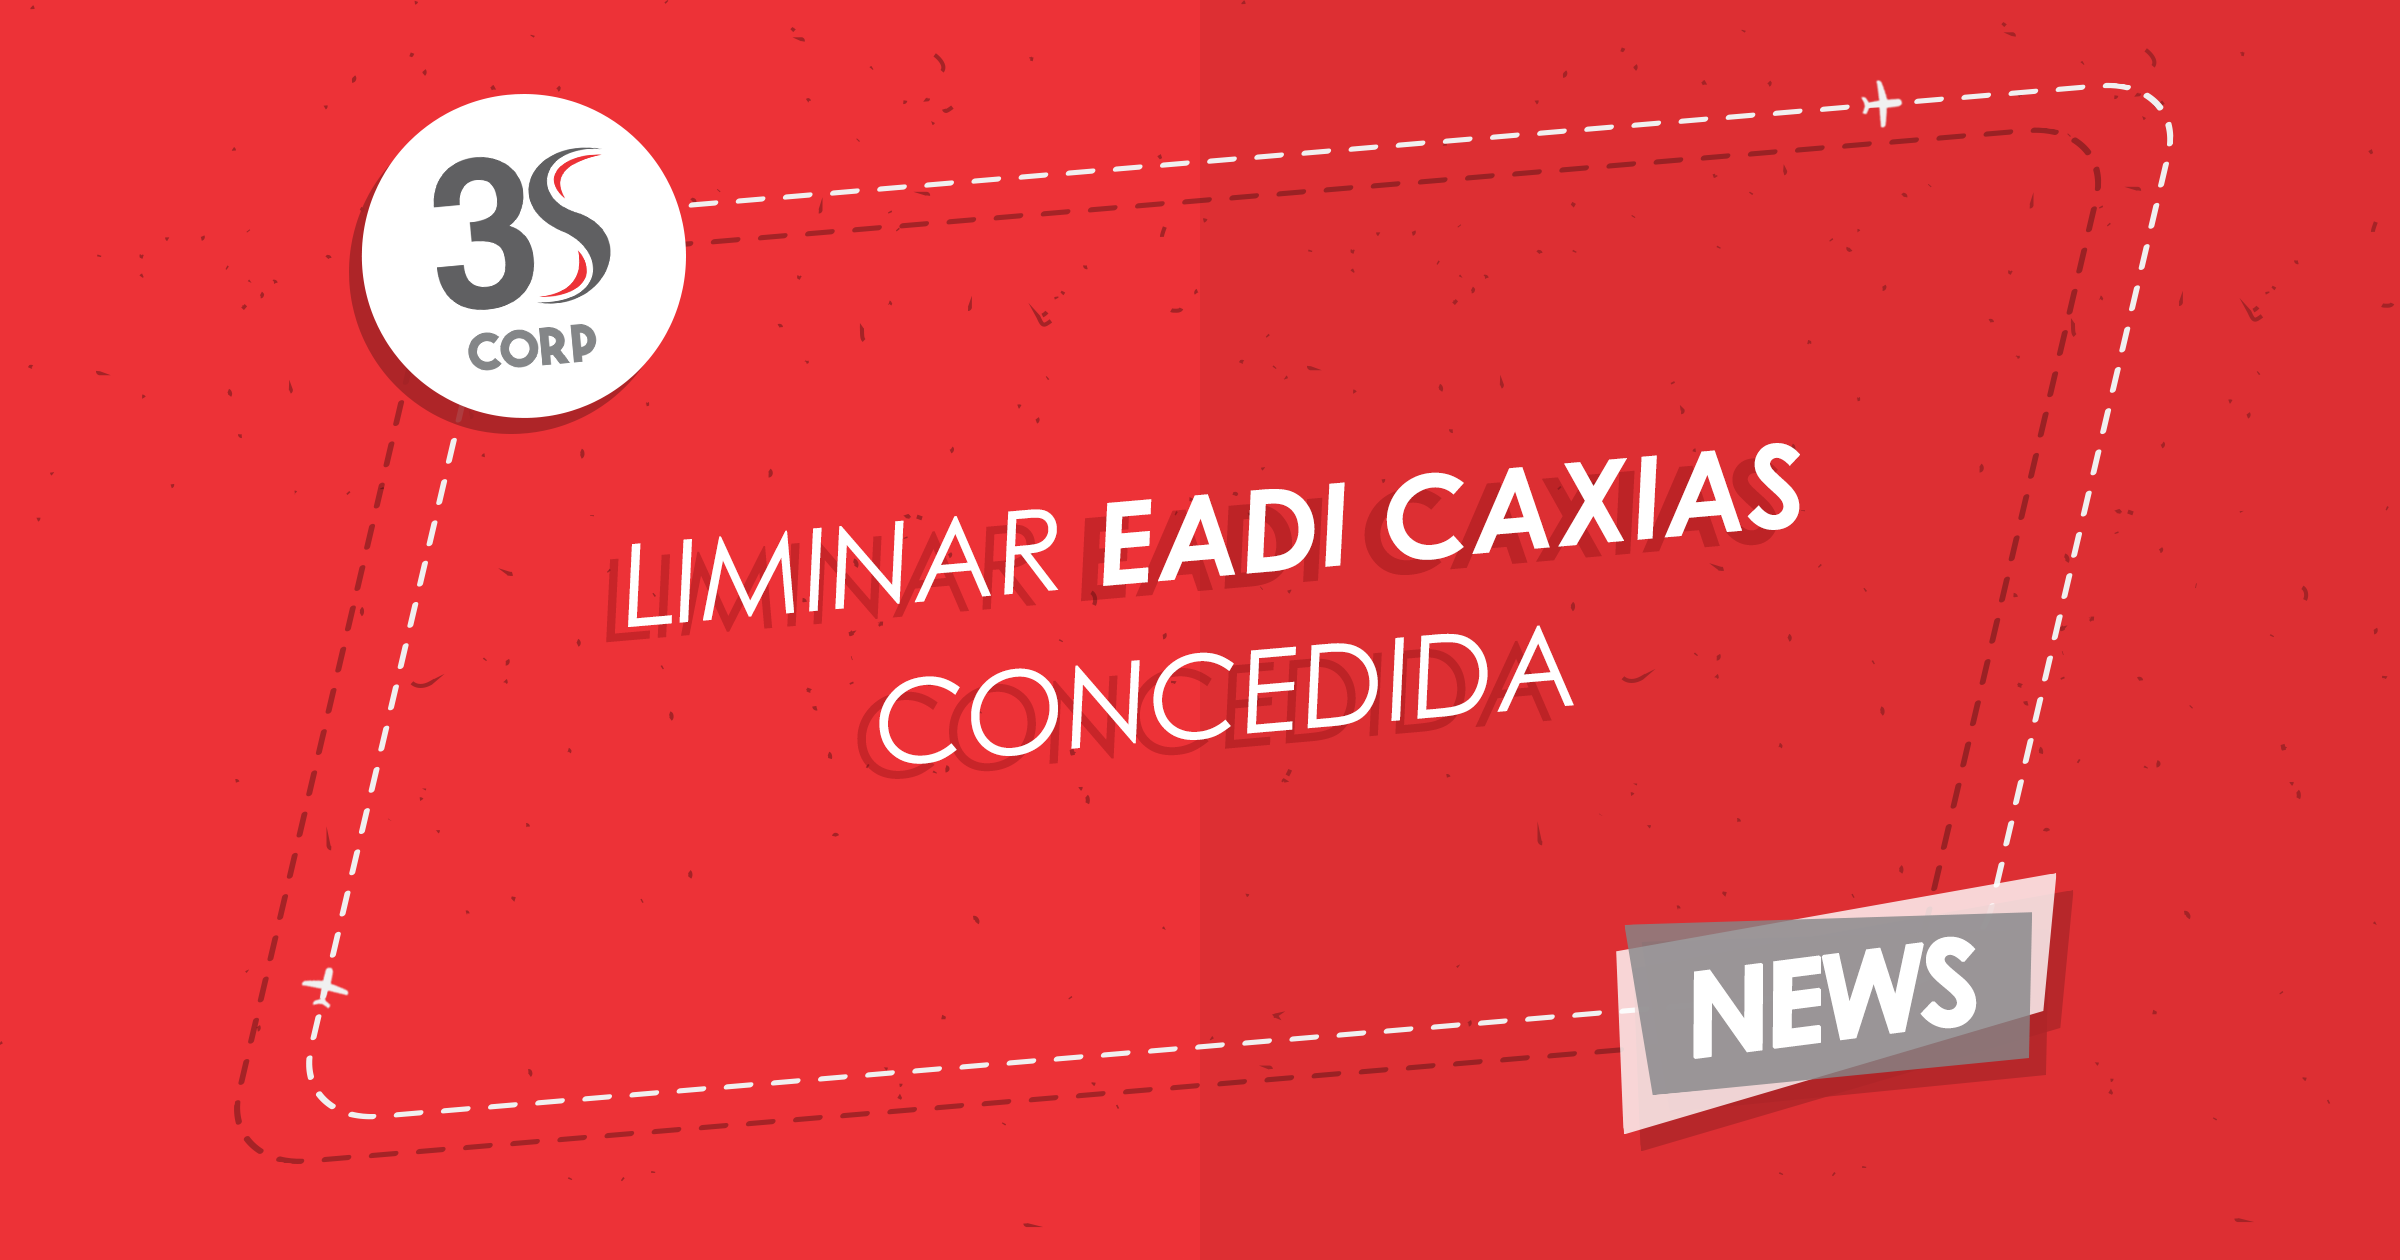 06.06 - Liminar EADI Caxias